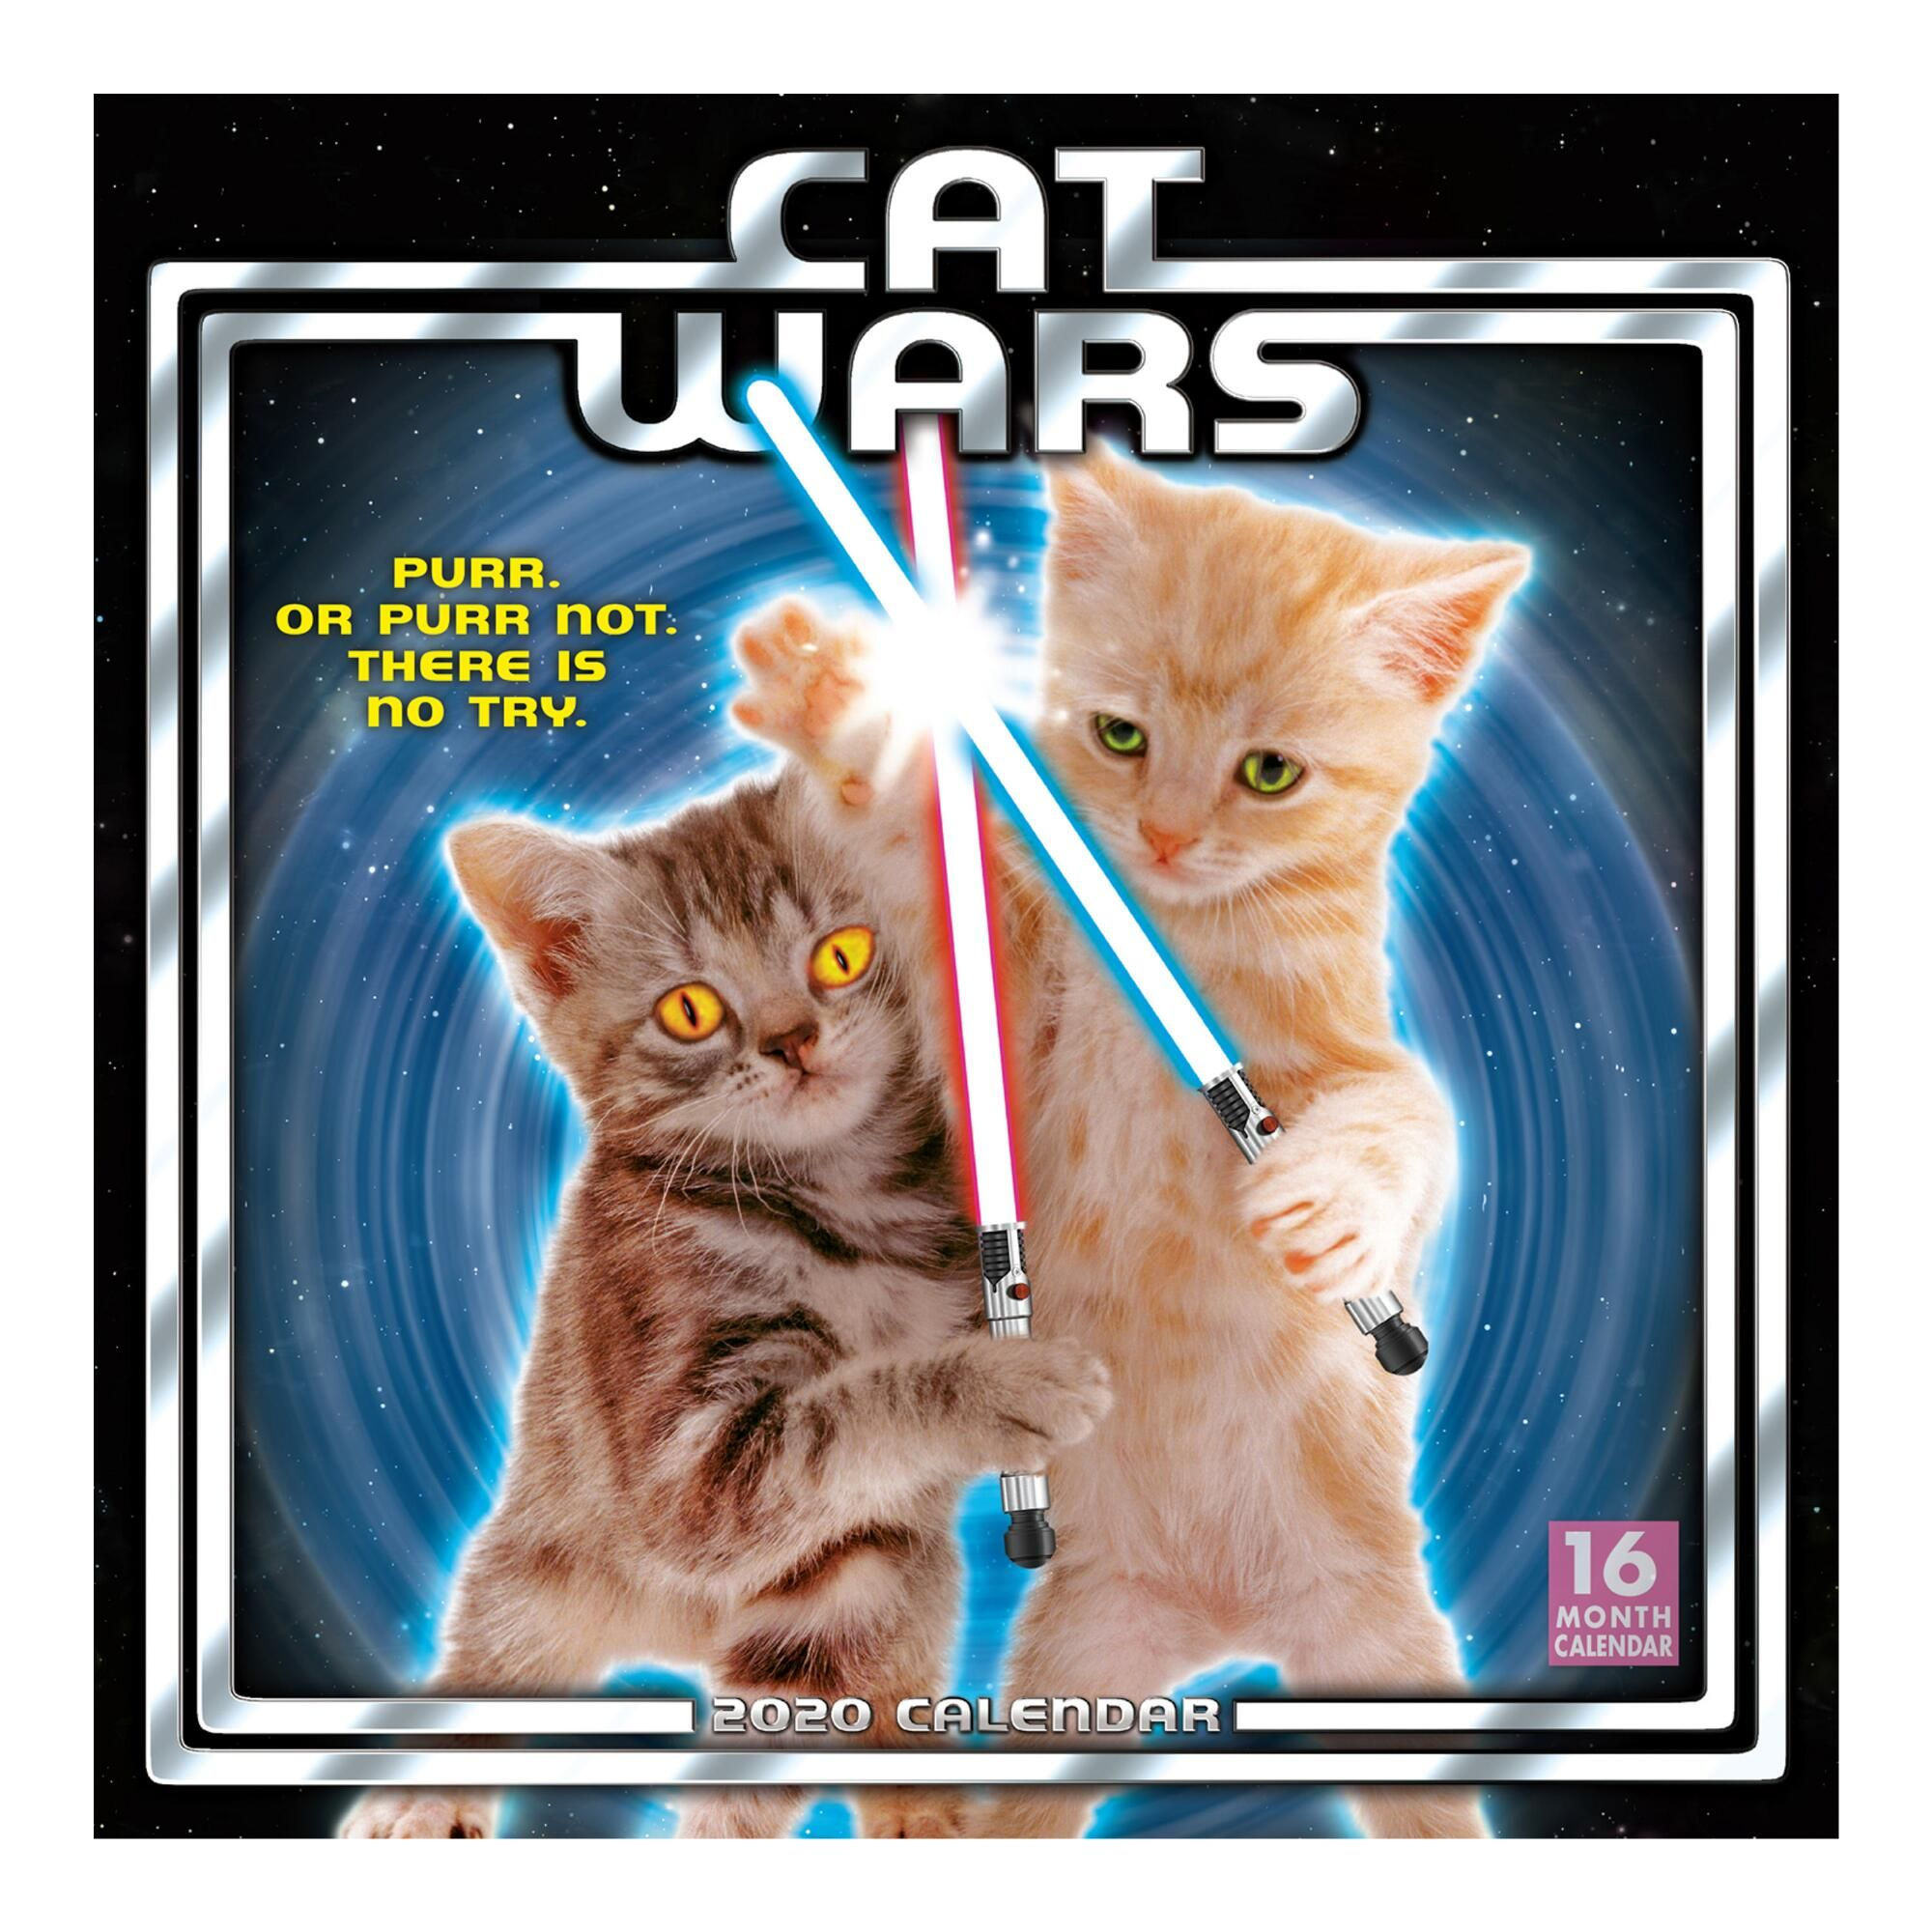 Cat Wars 2020 Wall Calendar Calendar, Cats, Wall calendar